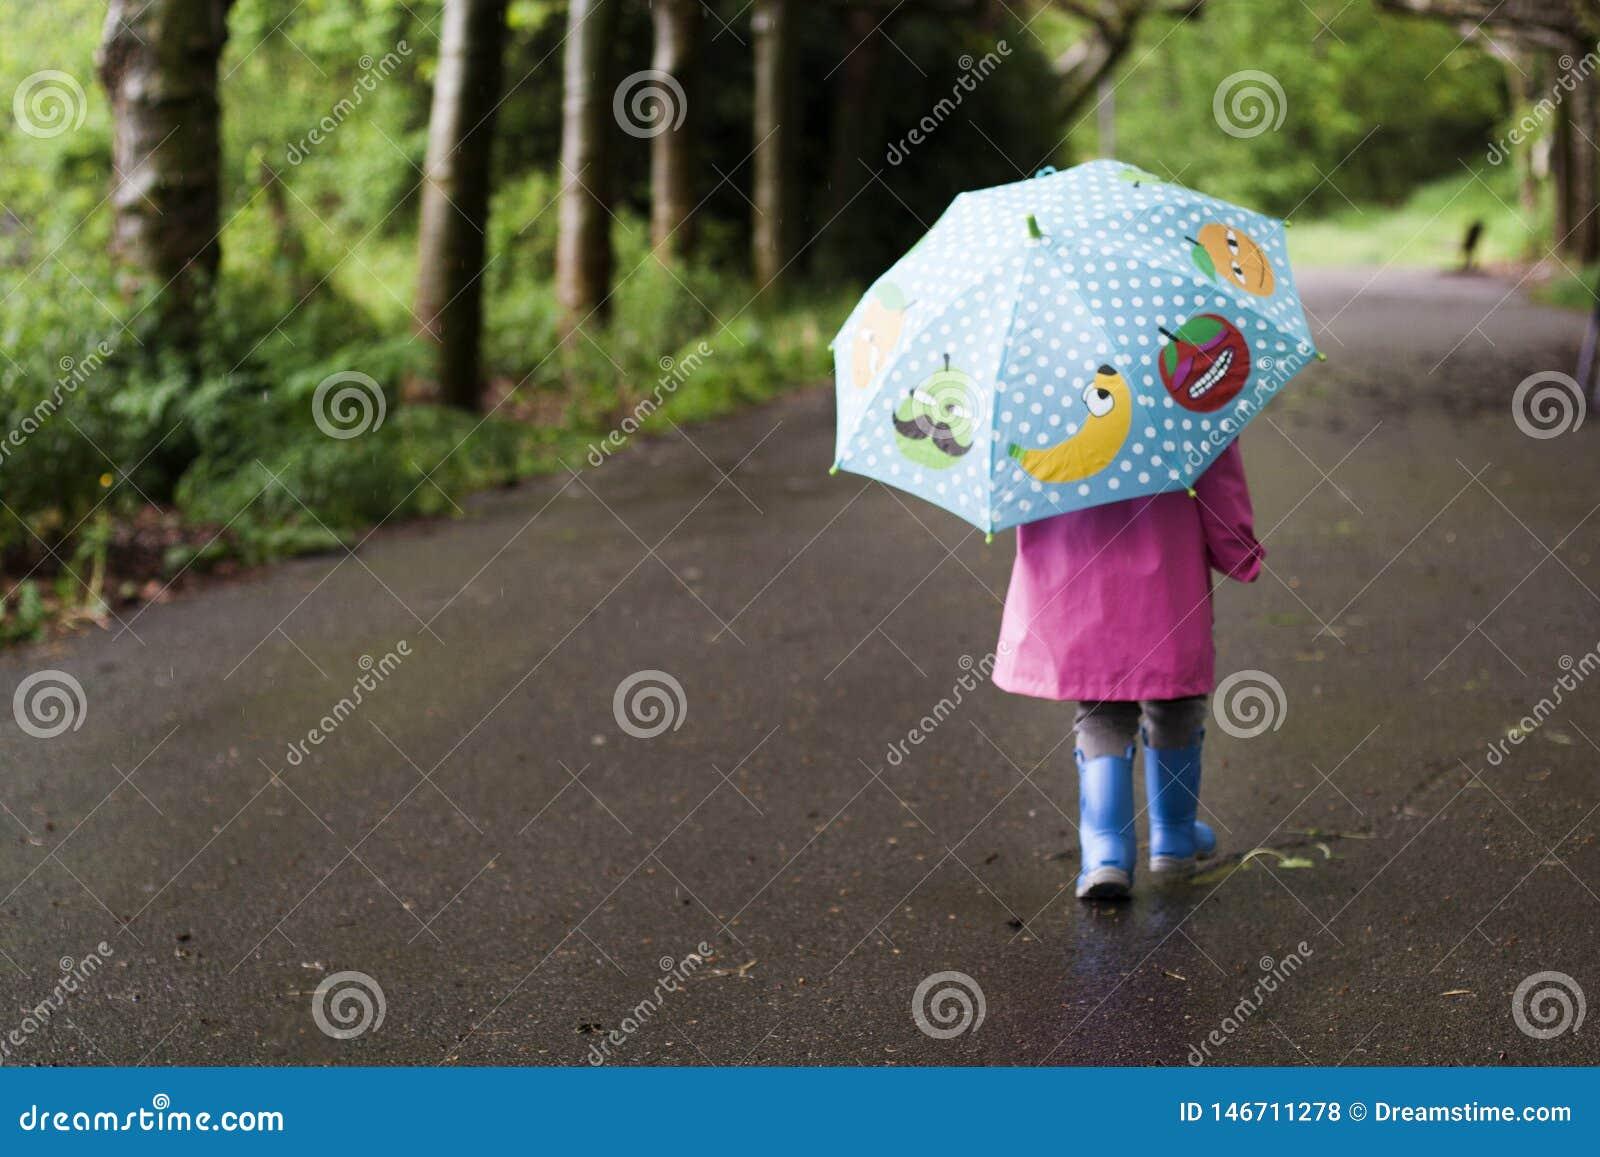 A little girl walks on a rainy day